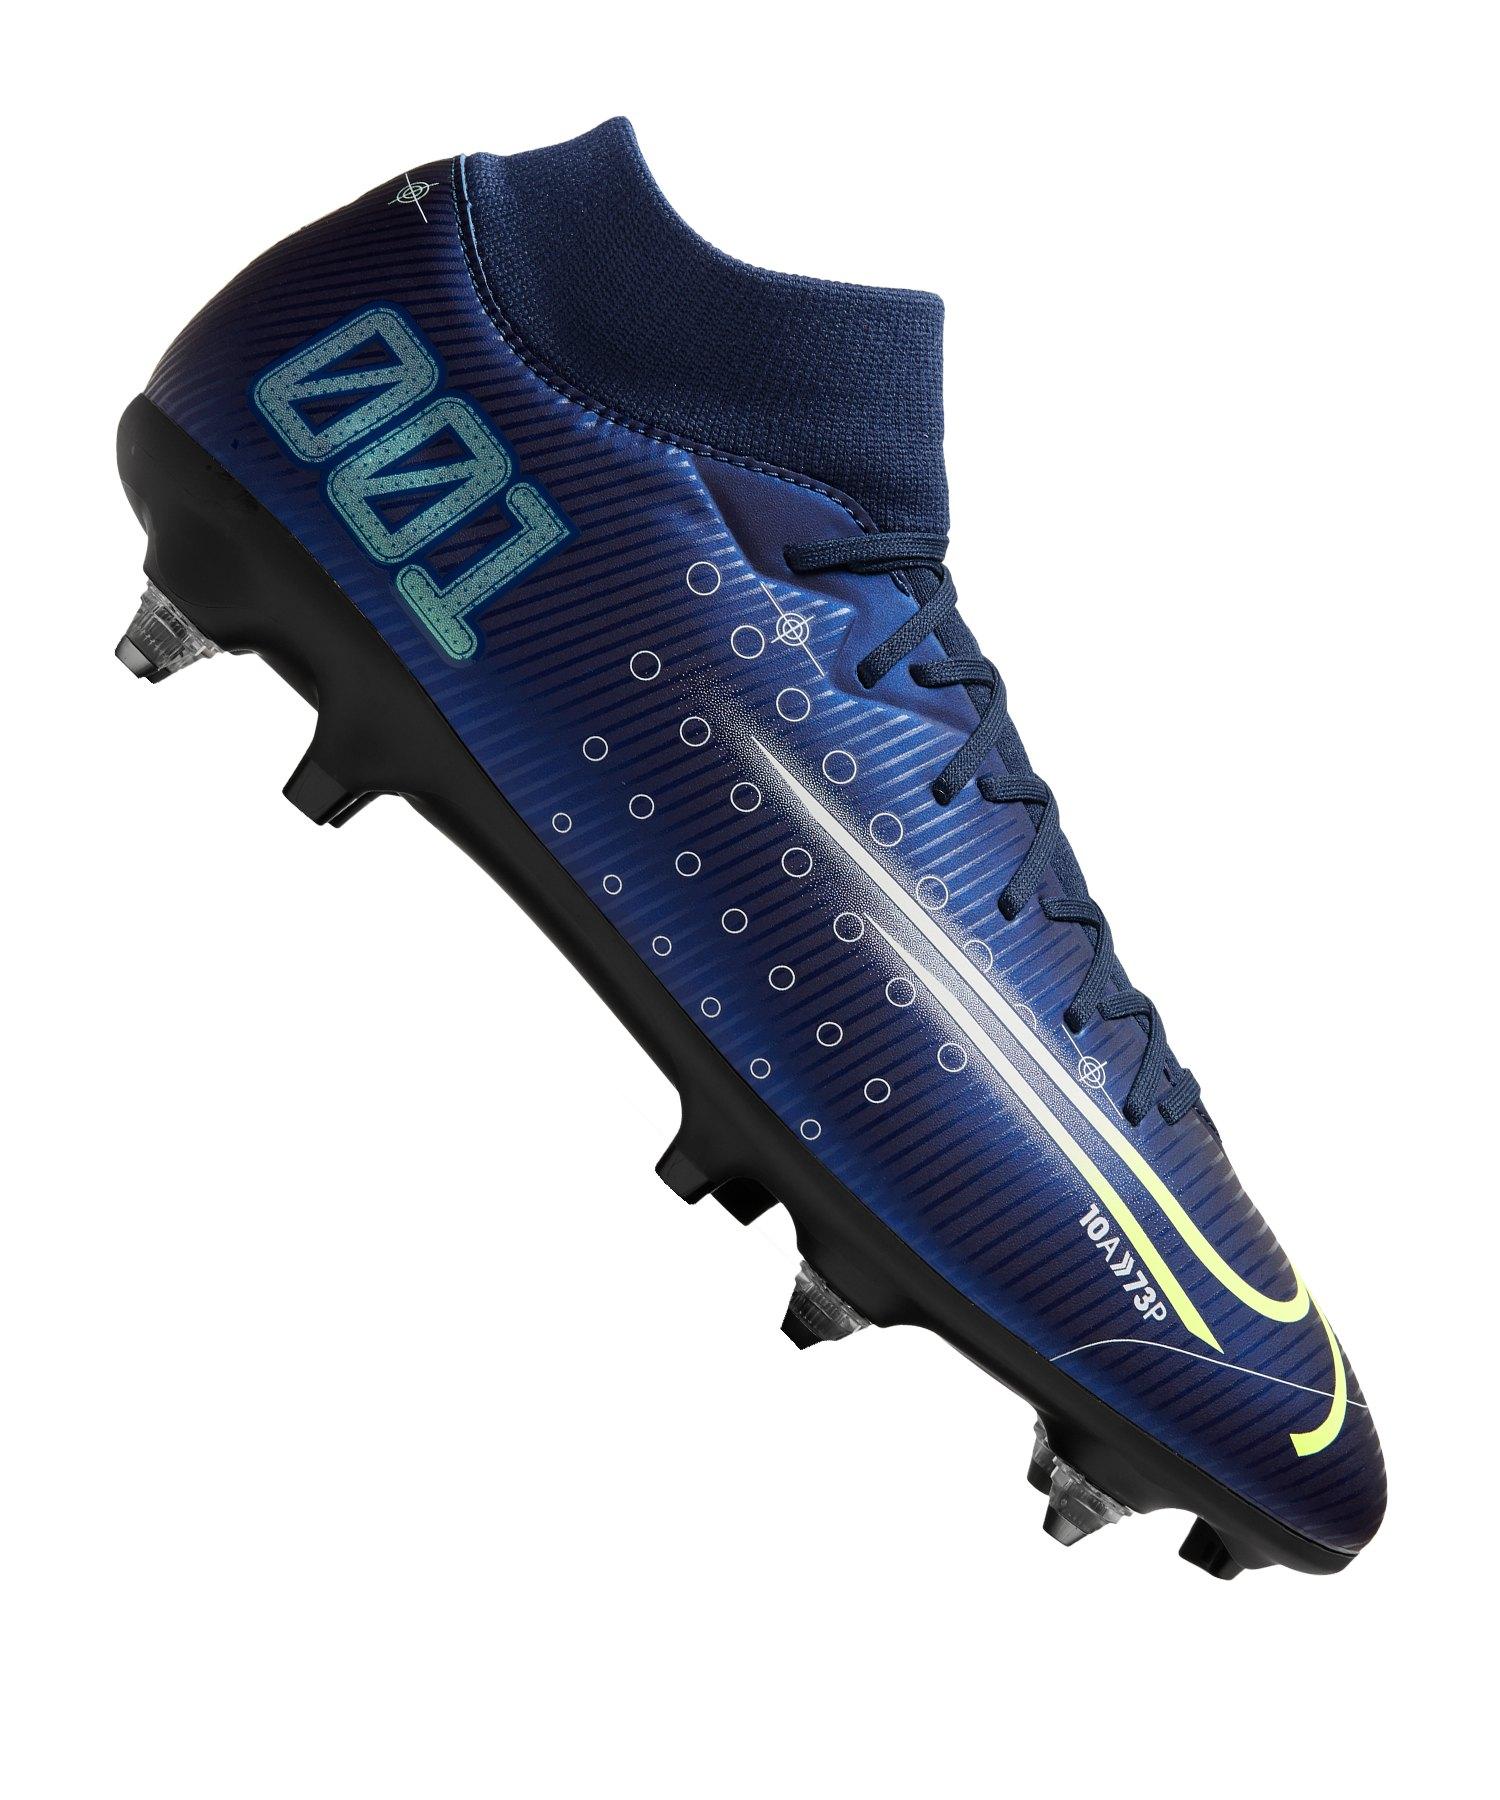 Nike Mercurial Superfly VII Dreamspeed Academy SG-Pro Blau F401 - blau